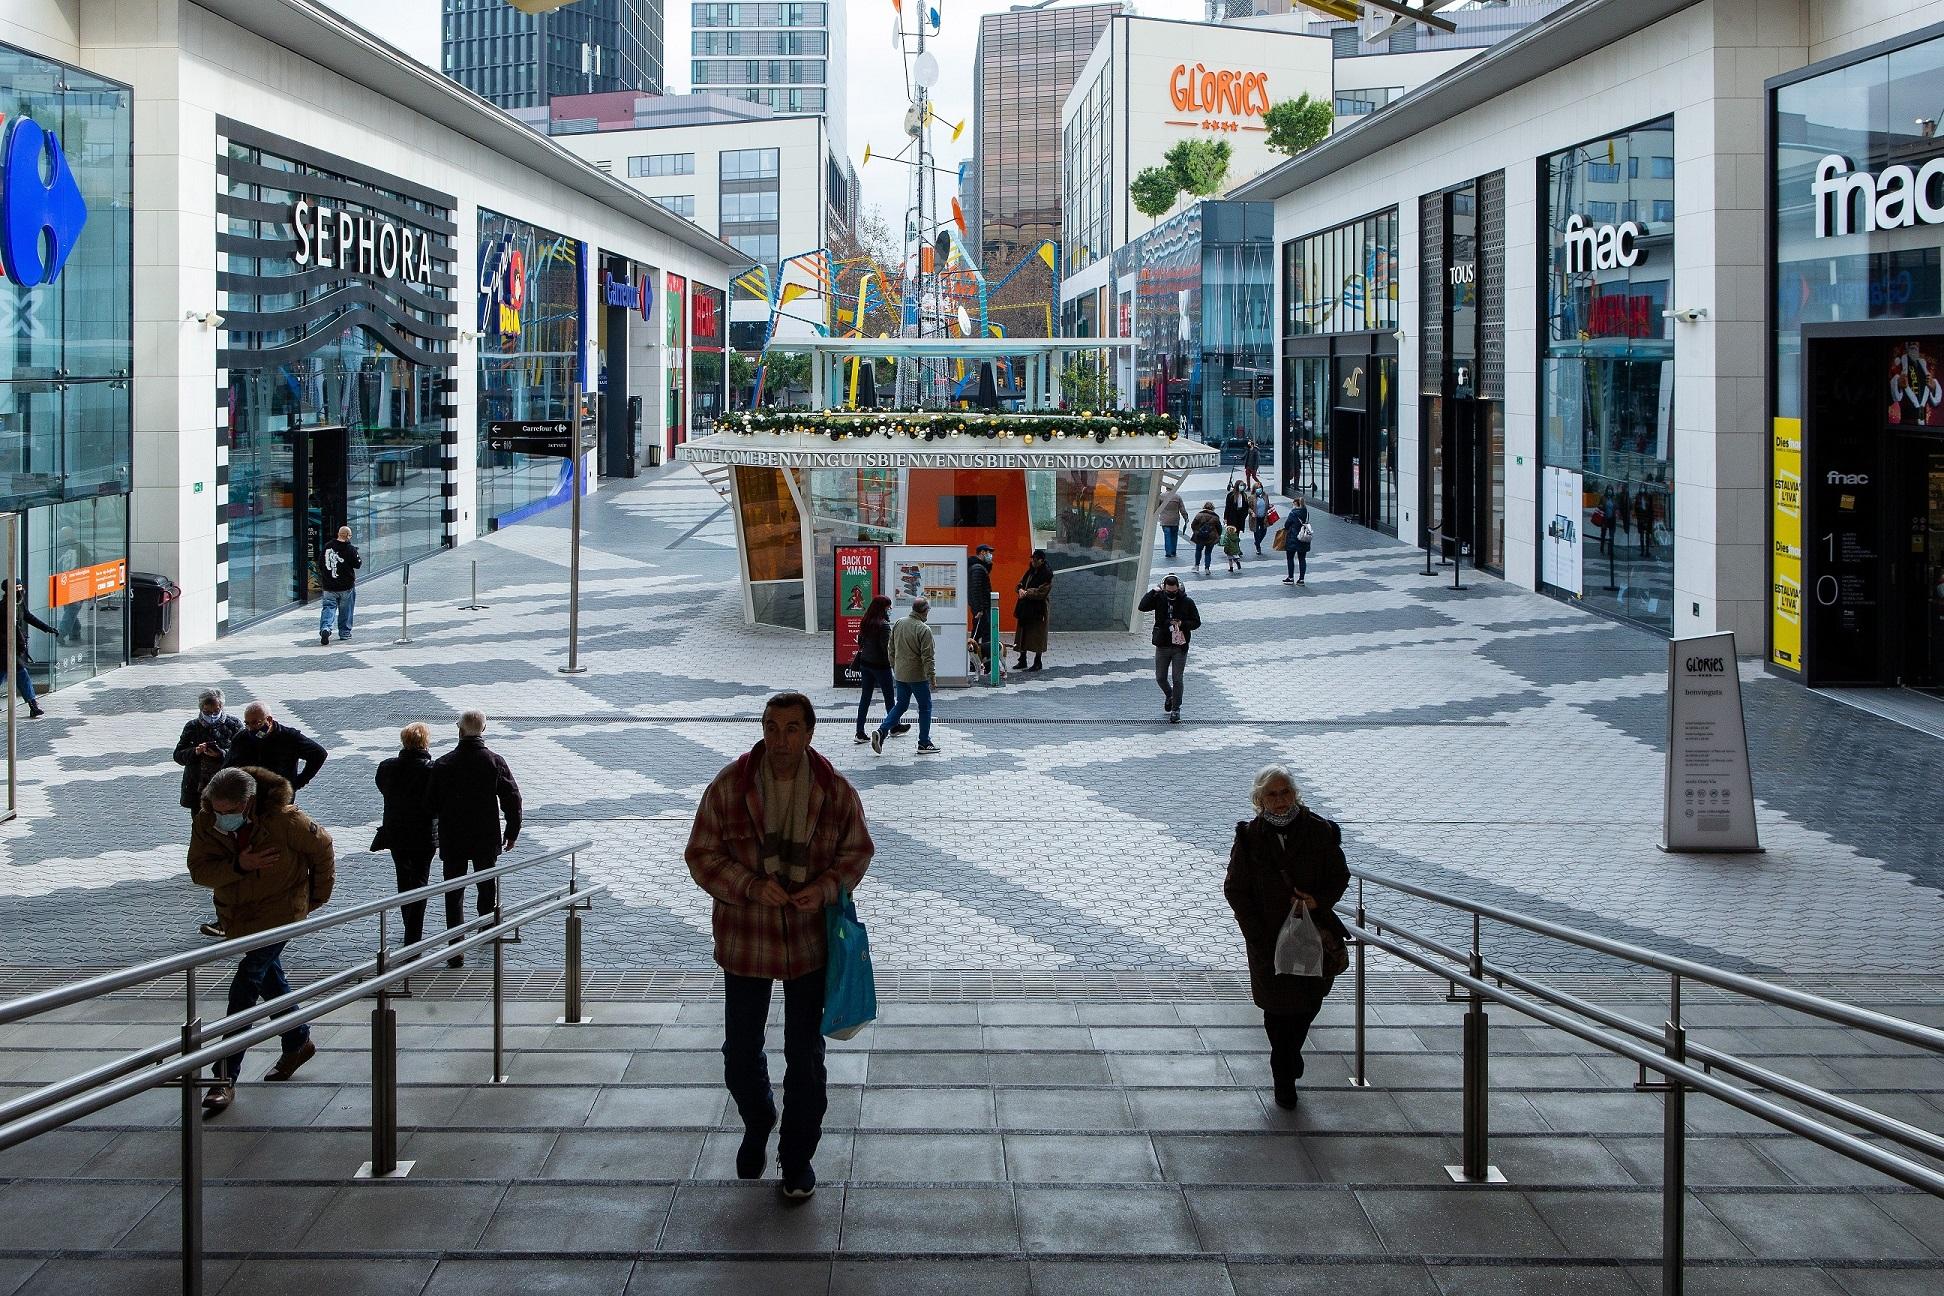 Un centro comercial de Barcelona prácticamente vacío en plena pandemia del coronavirus | EFE/EF/Archivo